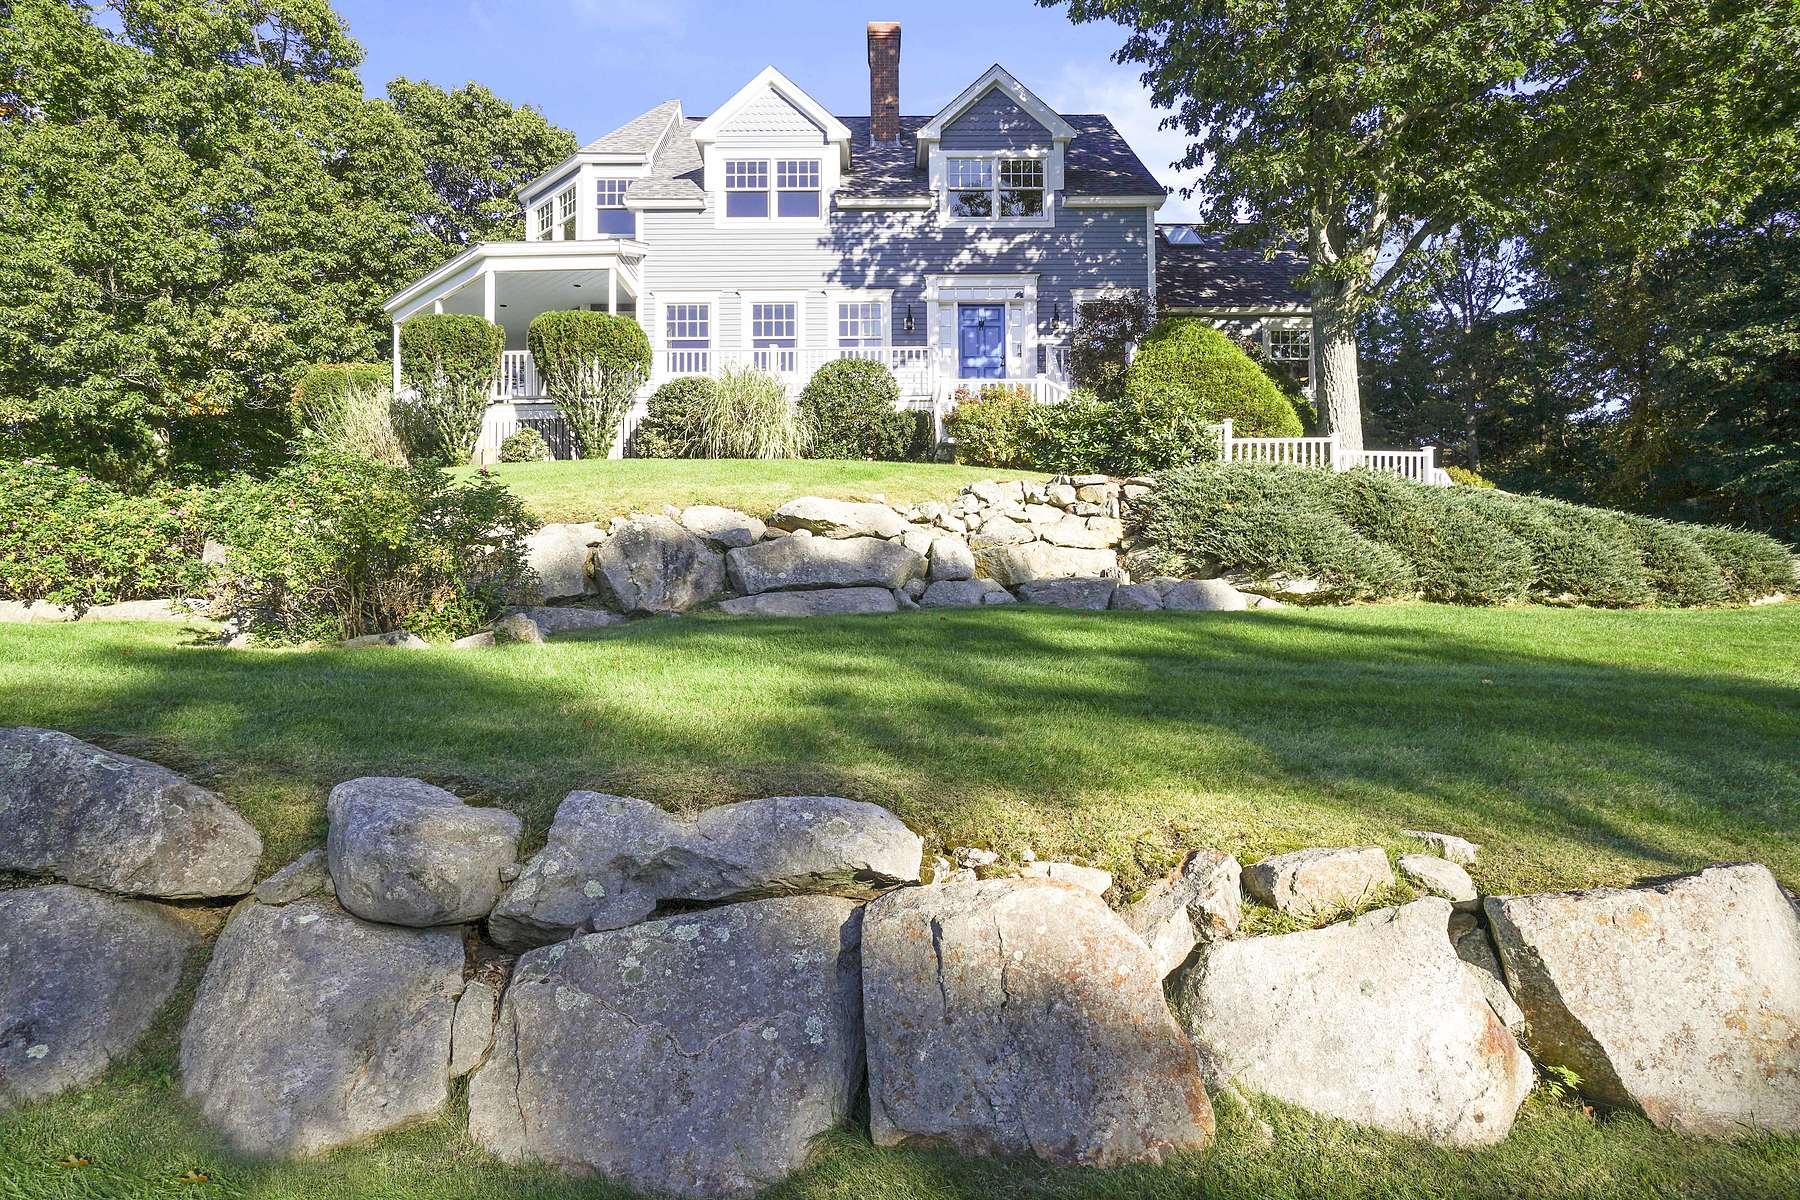 Single Family Homes for Sale at 13 Salt Marsh Ln Gloucester, Massachusetts 01930 United States